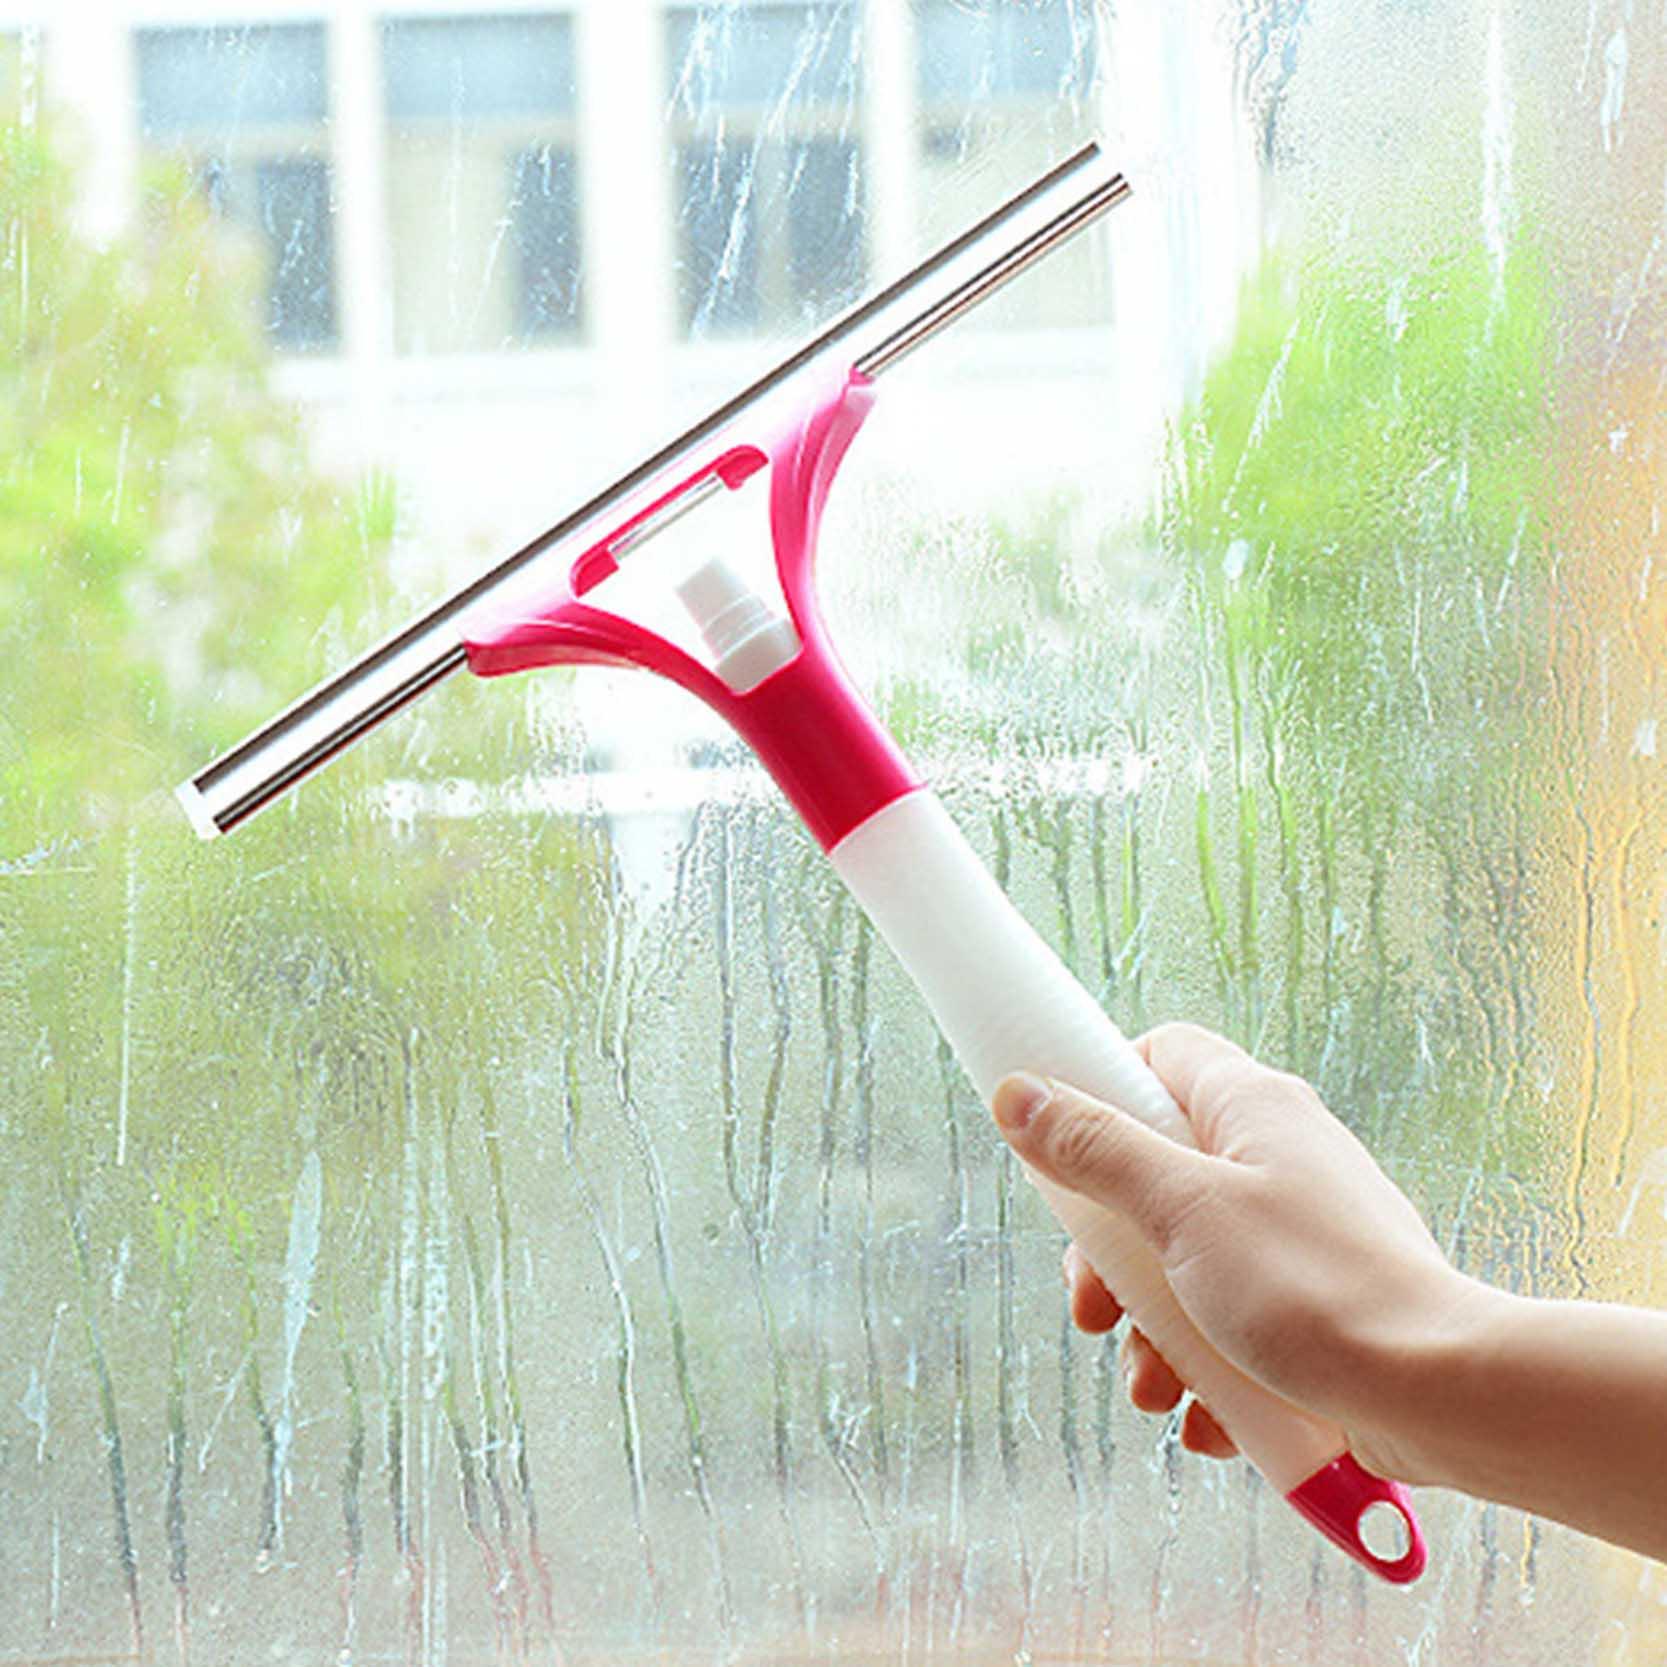 Инструкция по охране труда по мытью окон